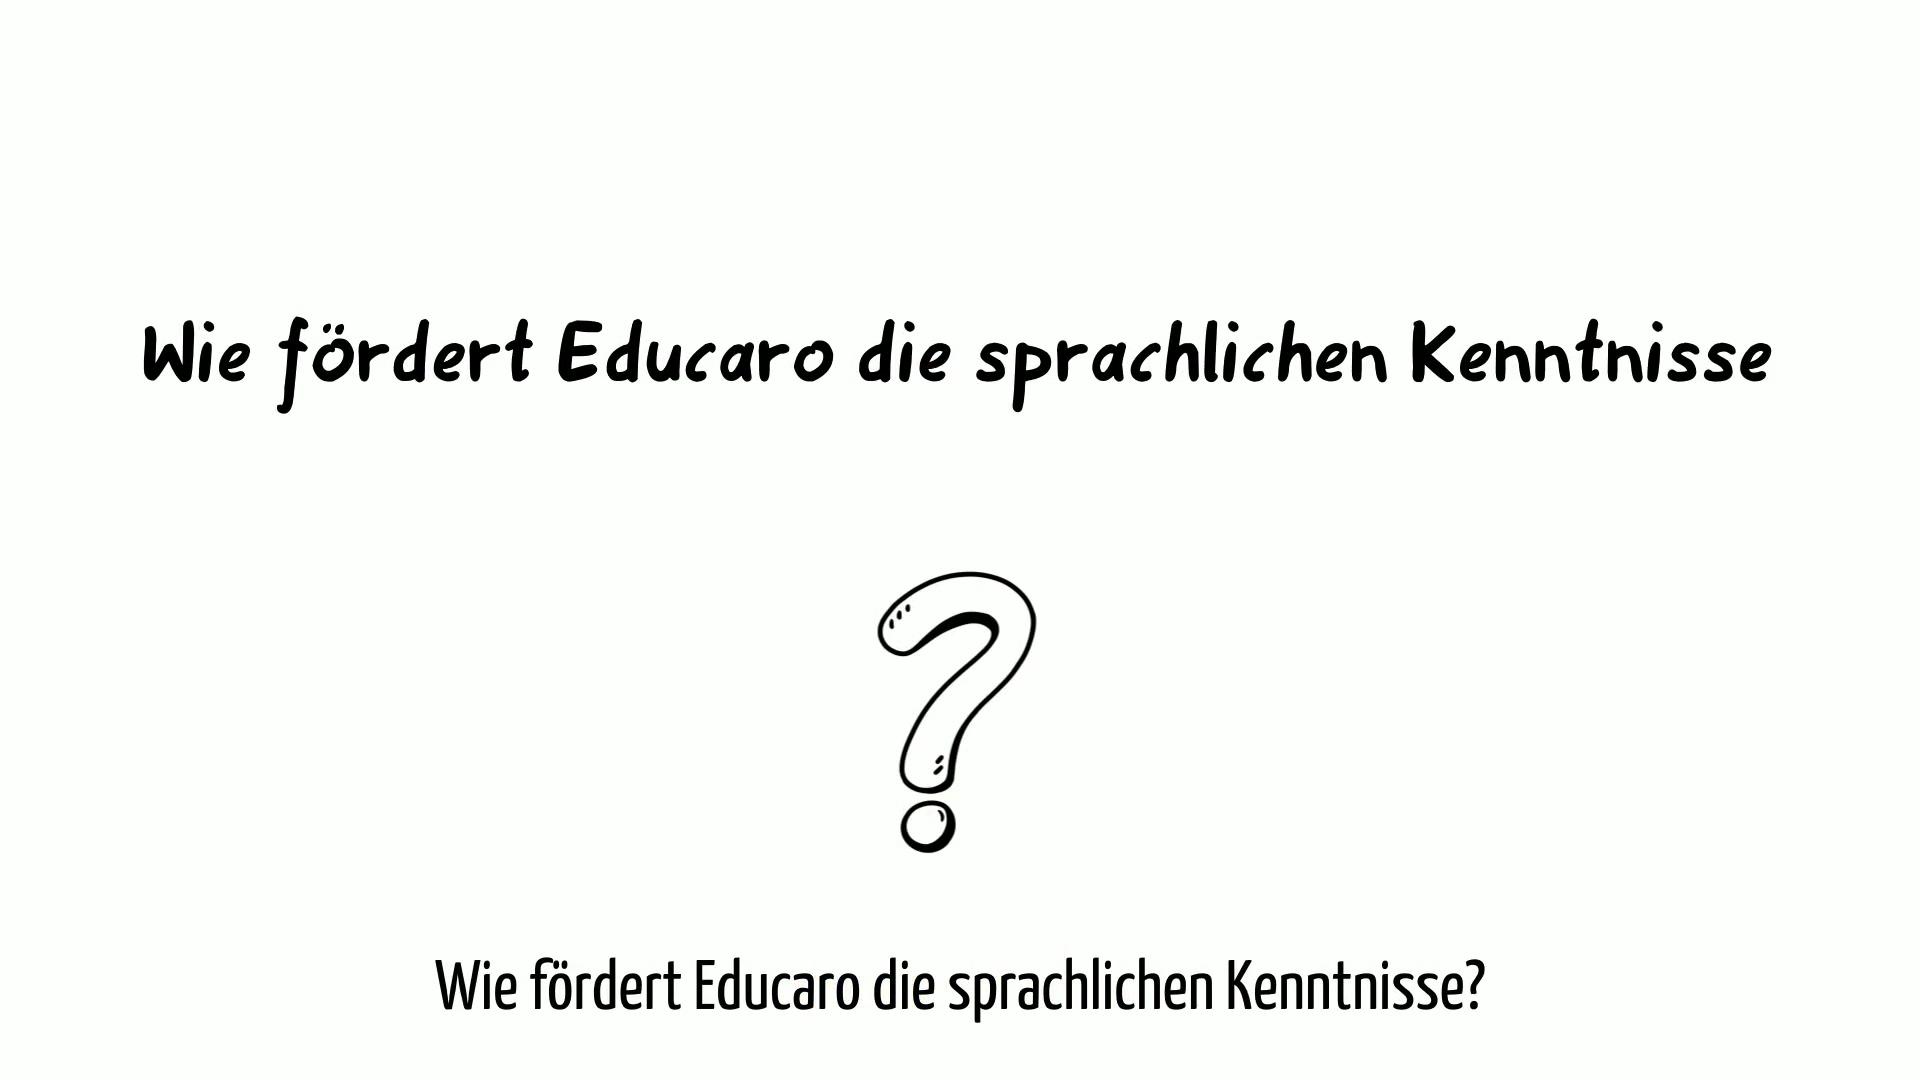 simpleshow_Wie_f_dert_Educaro_die_sprachlichen_Kenntnisse_